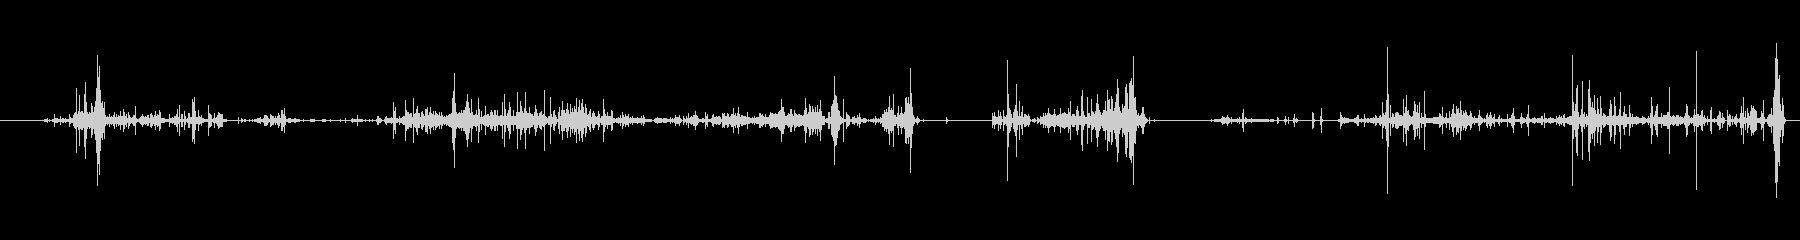 ラージソフトカバーバイブル:複数の...の未再生の波形